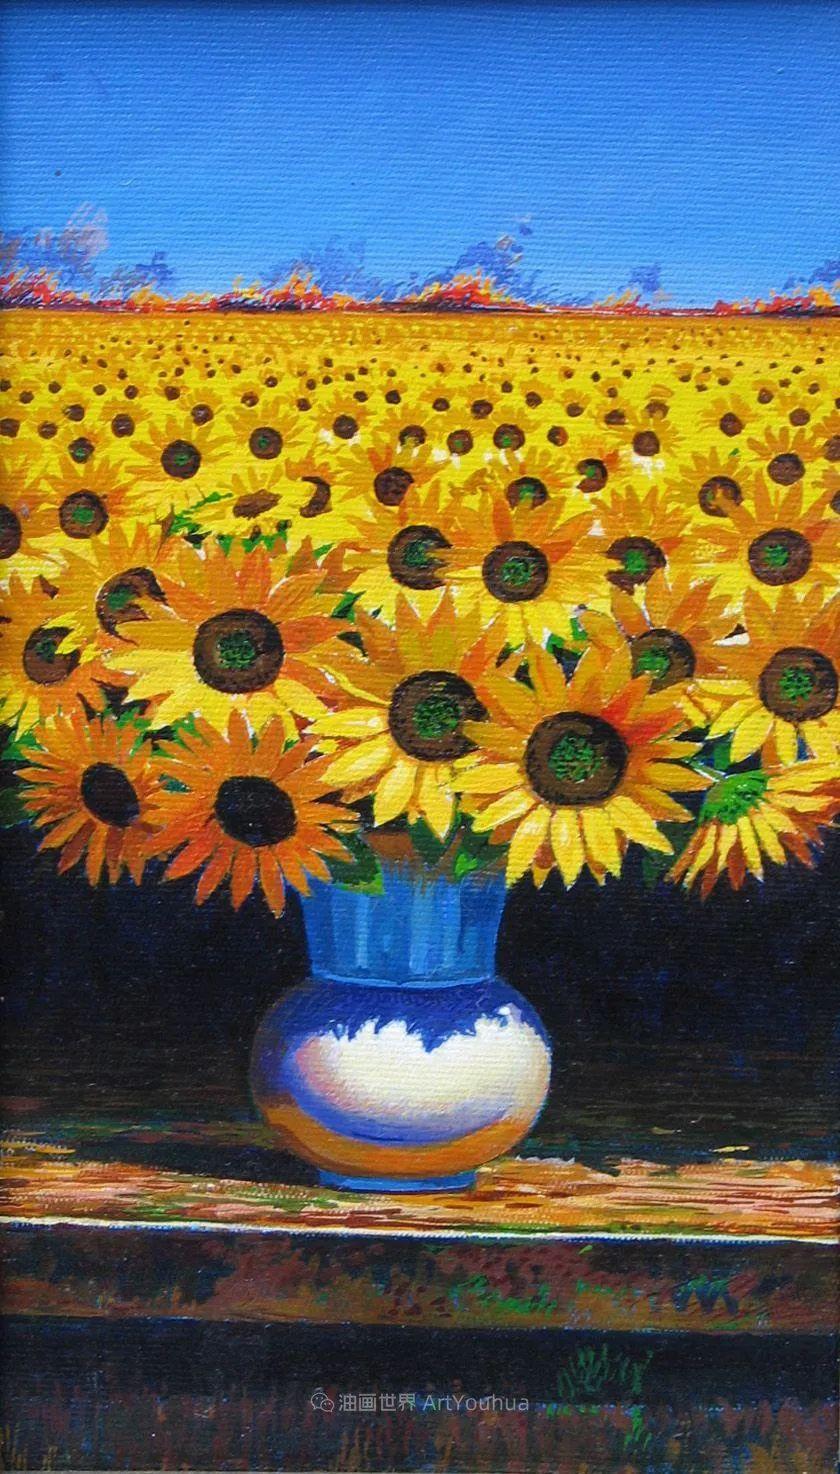 奇画,无数鲜花跨越了时空!插图11